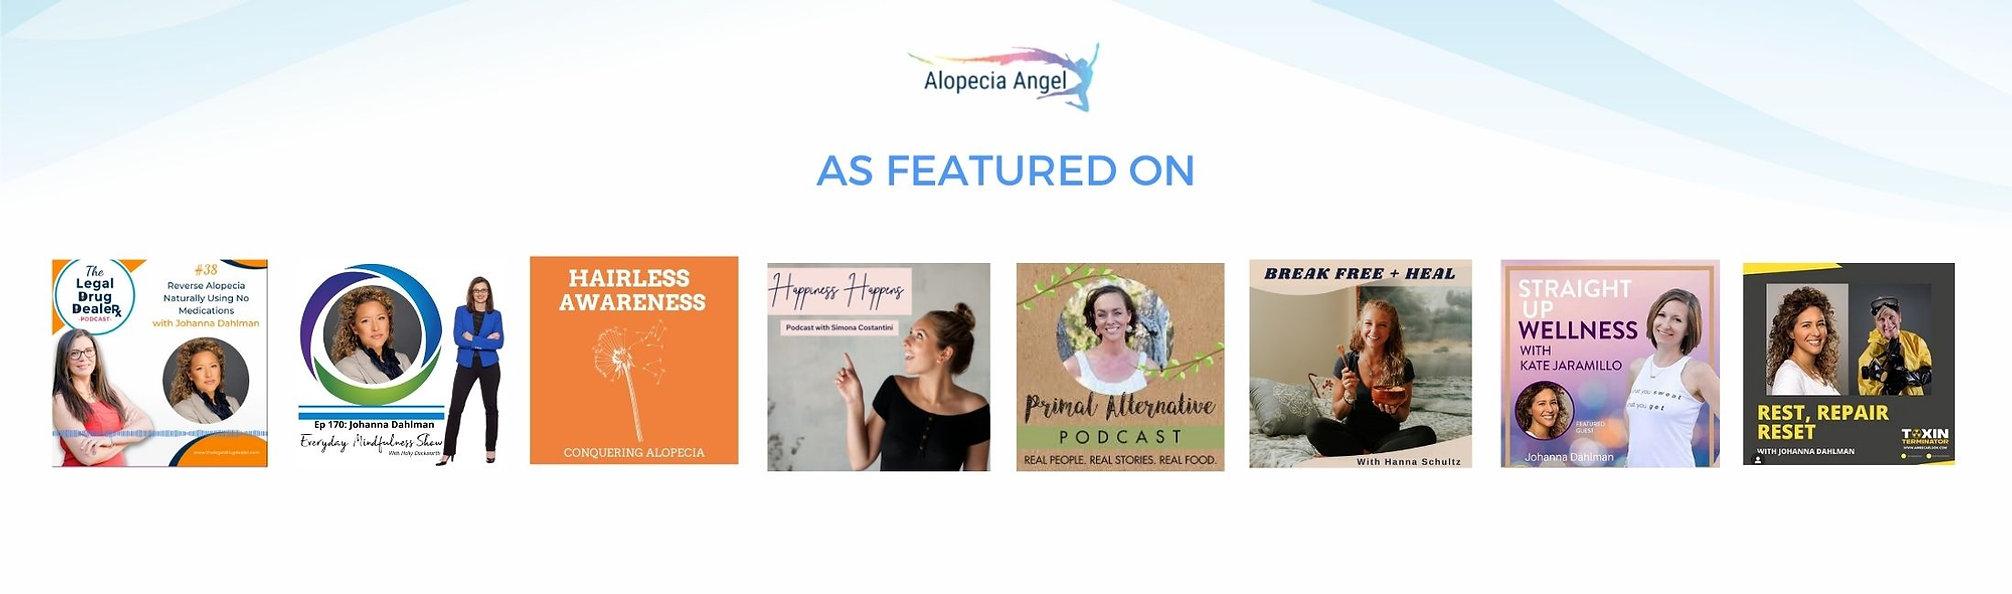 Website Banner - Podcast (2).jpg